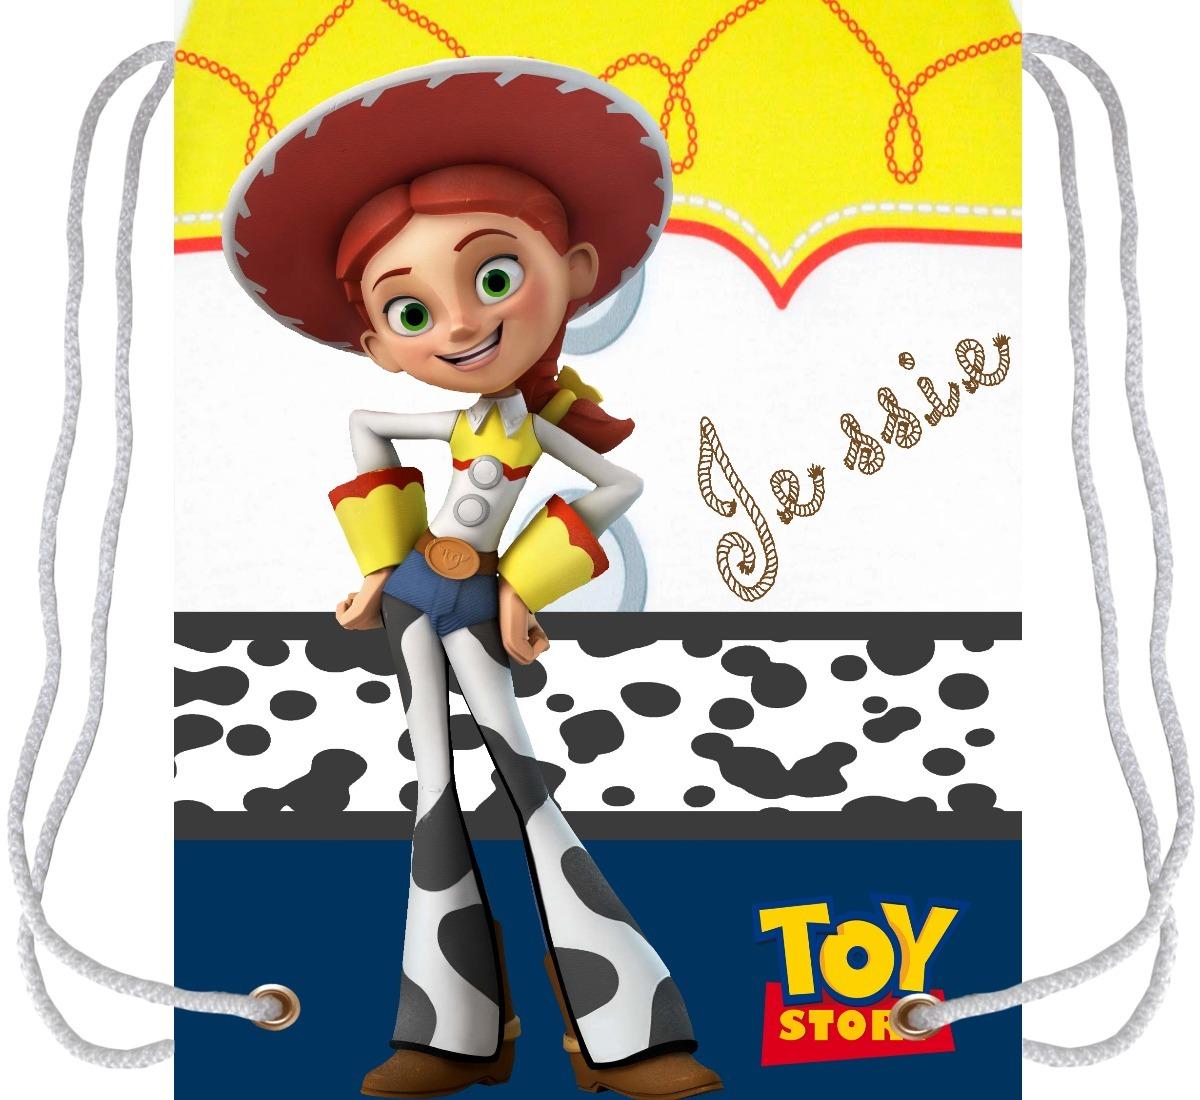 Morralitos Dulceros Personalizados -toy Story-.55 Piezas -   985.00 ... b5e3a654083